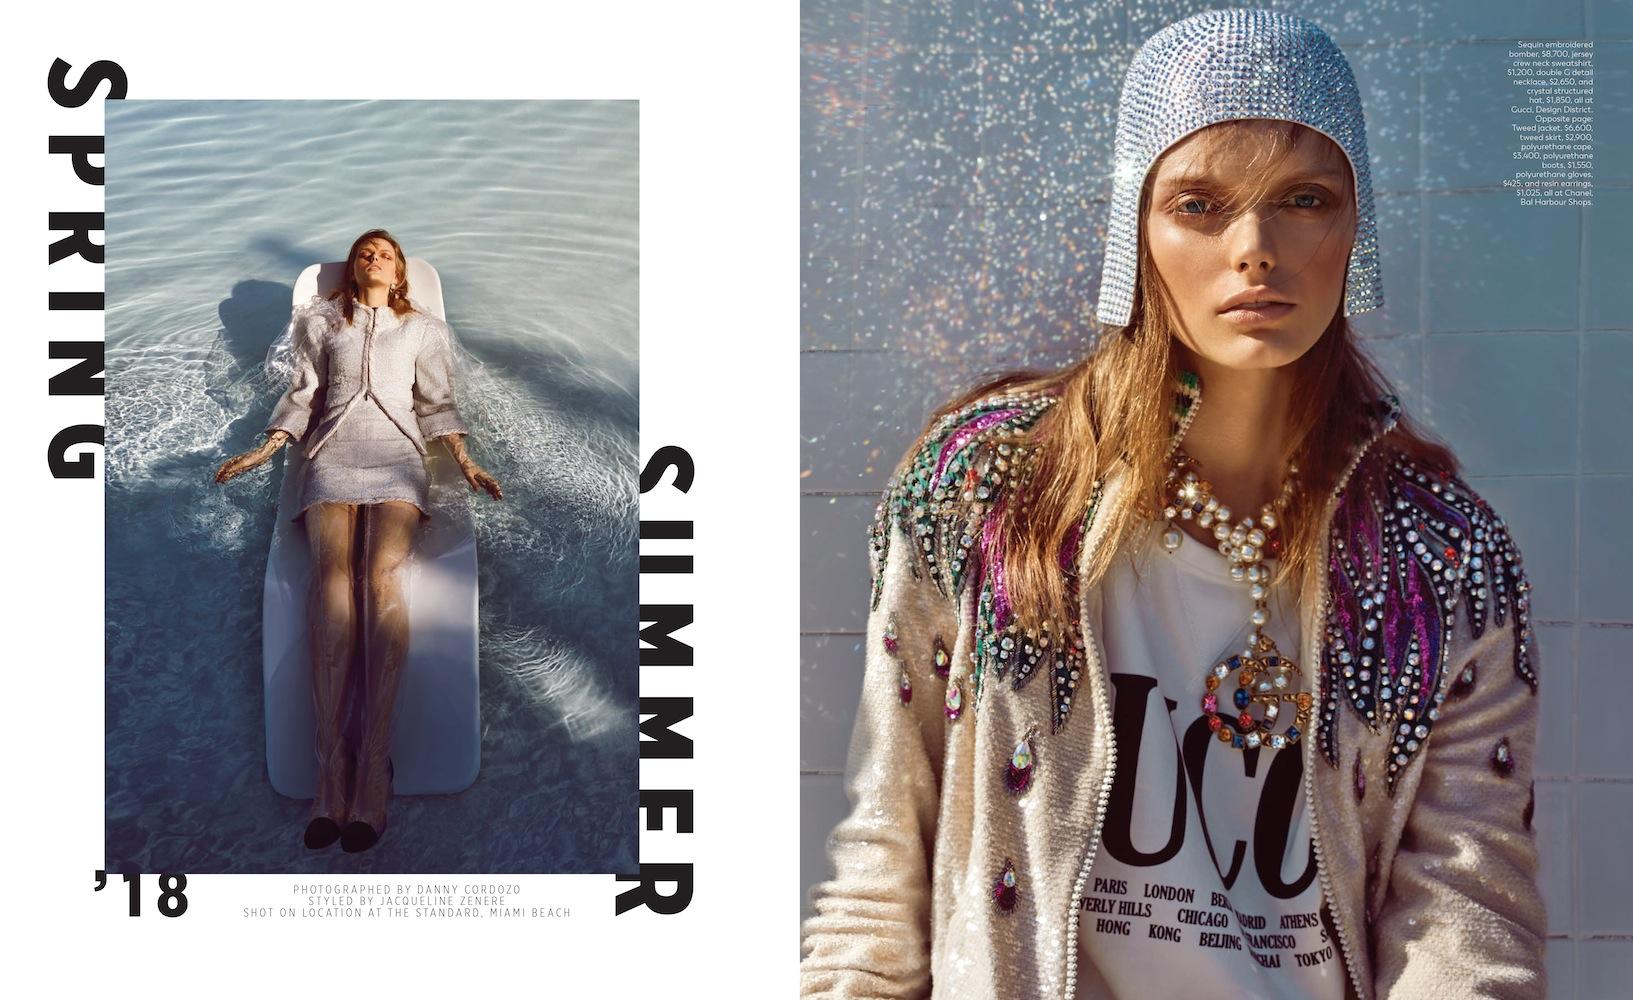 9FN_Fashion-Shopping_ODRV-1 copy.jpg